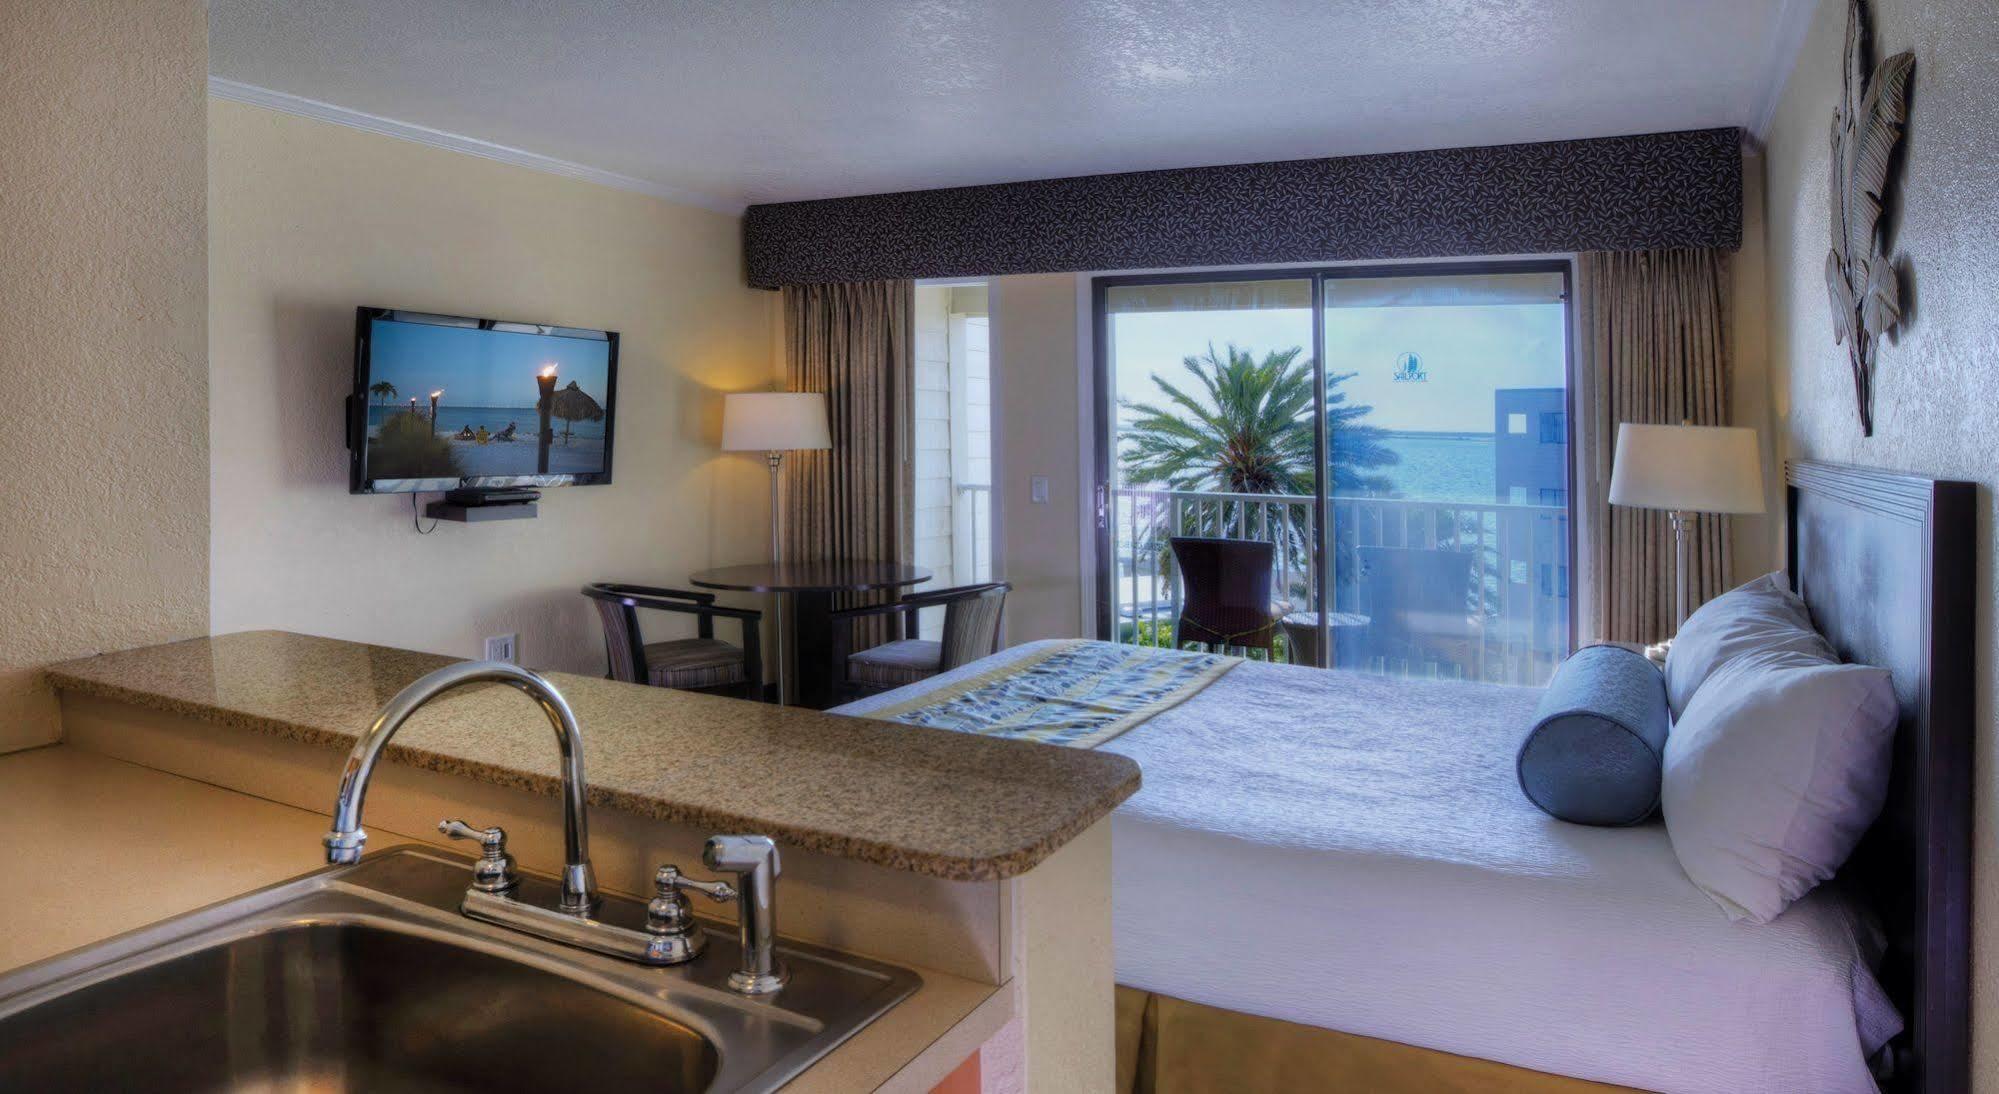 sailport waterfront suites 1 bedroom